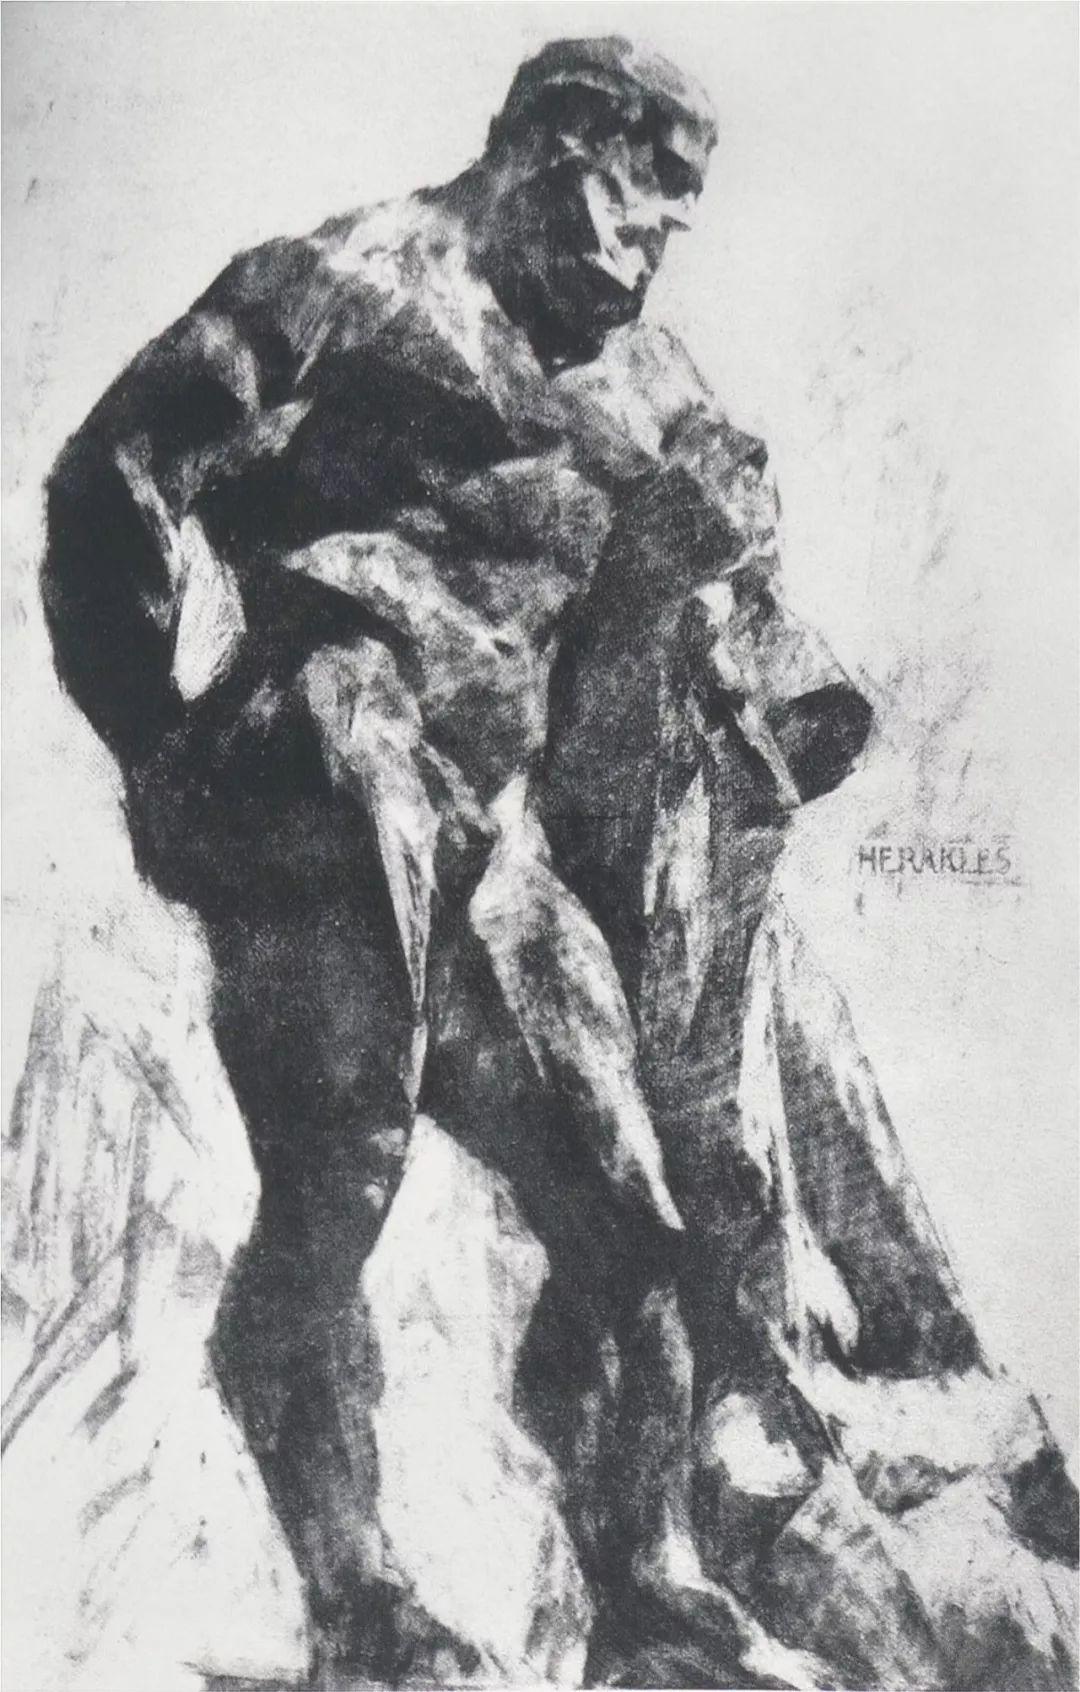 《力士》,纸本素描,1977年